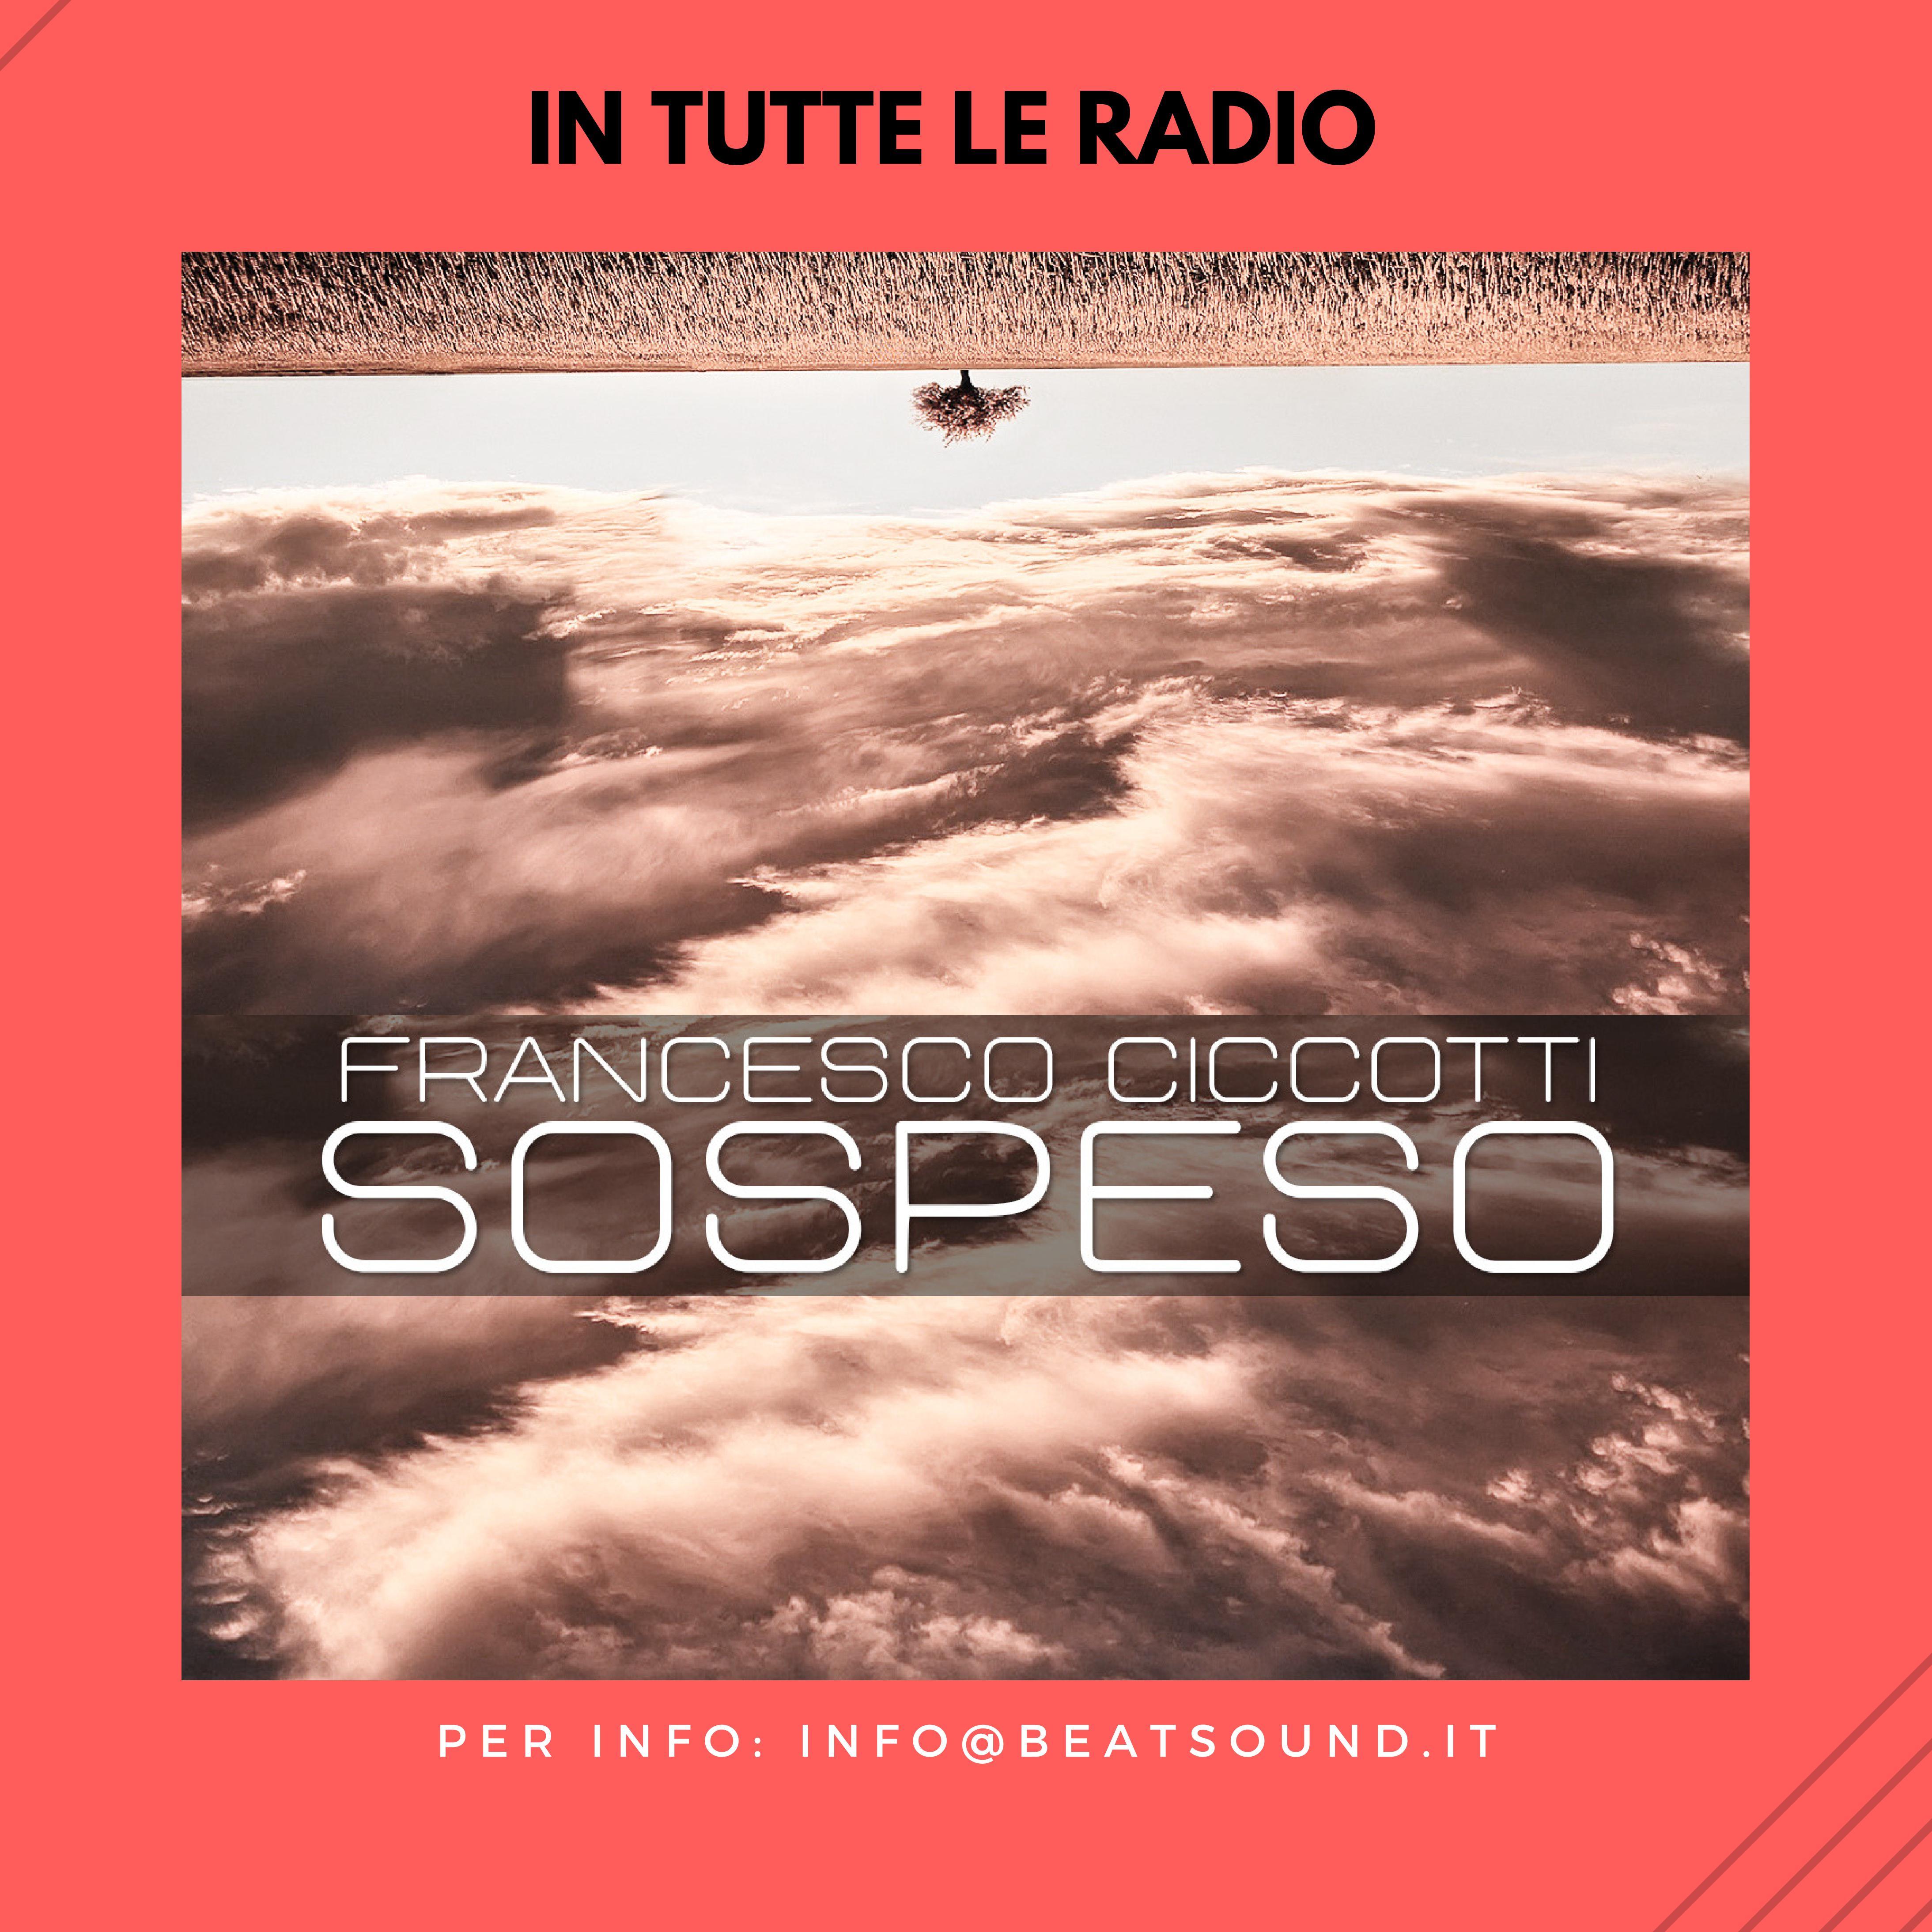 Sospeso di Francesco Ciccotti in tutte le radio dal 14/04/19